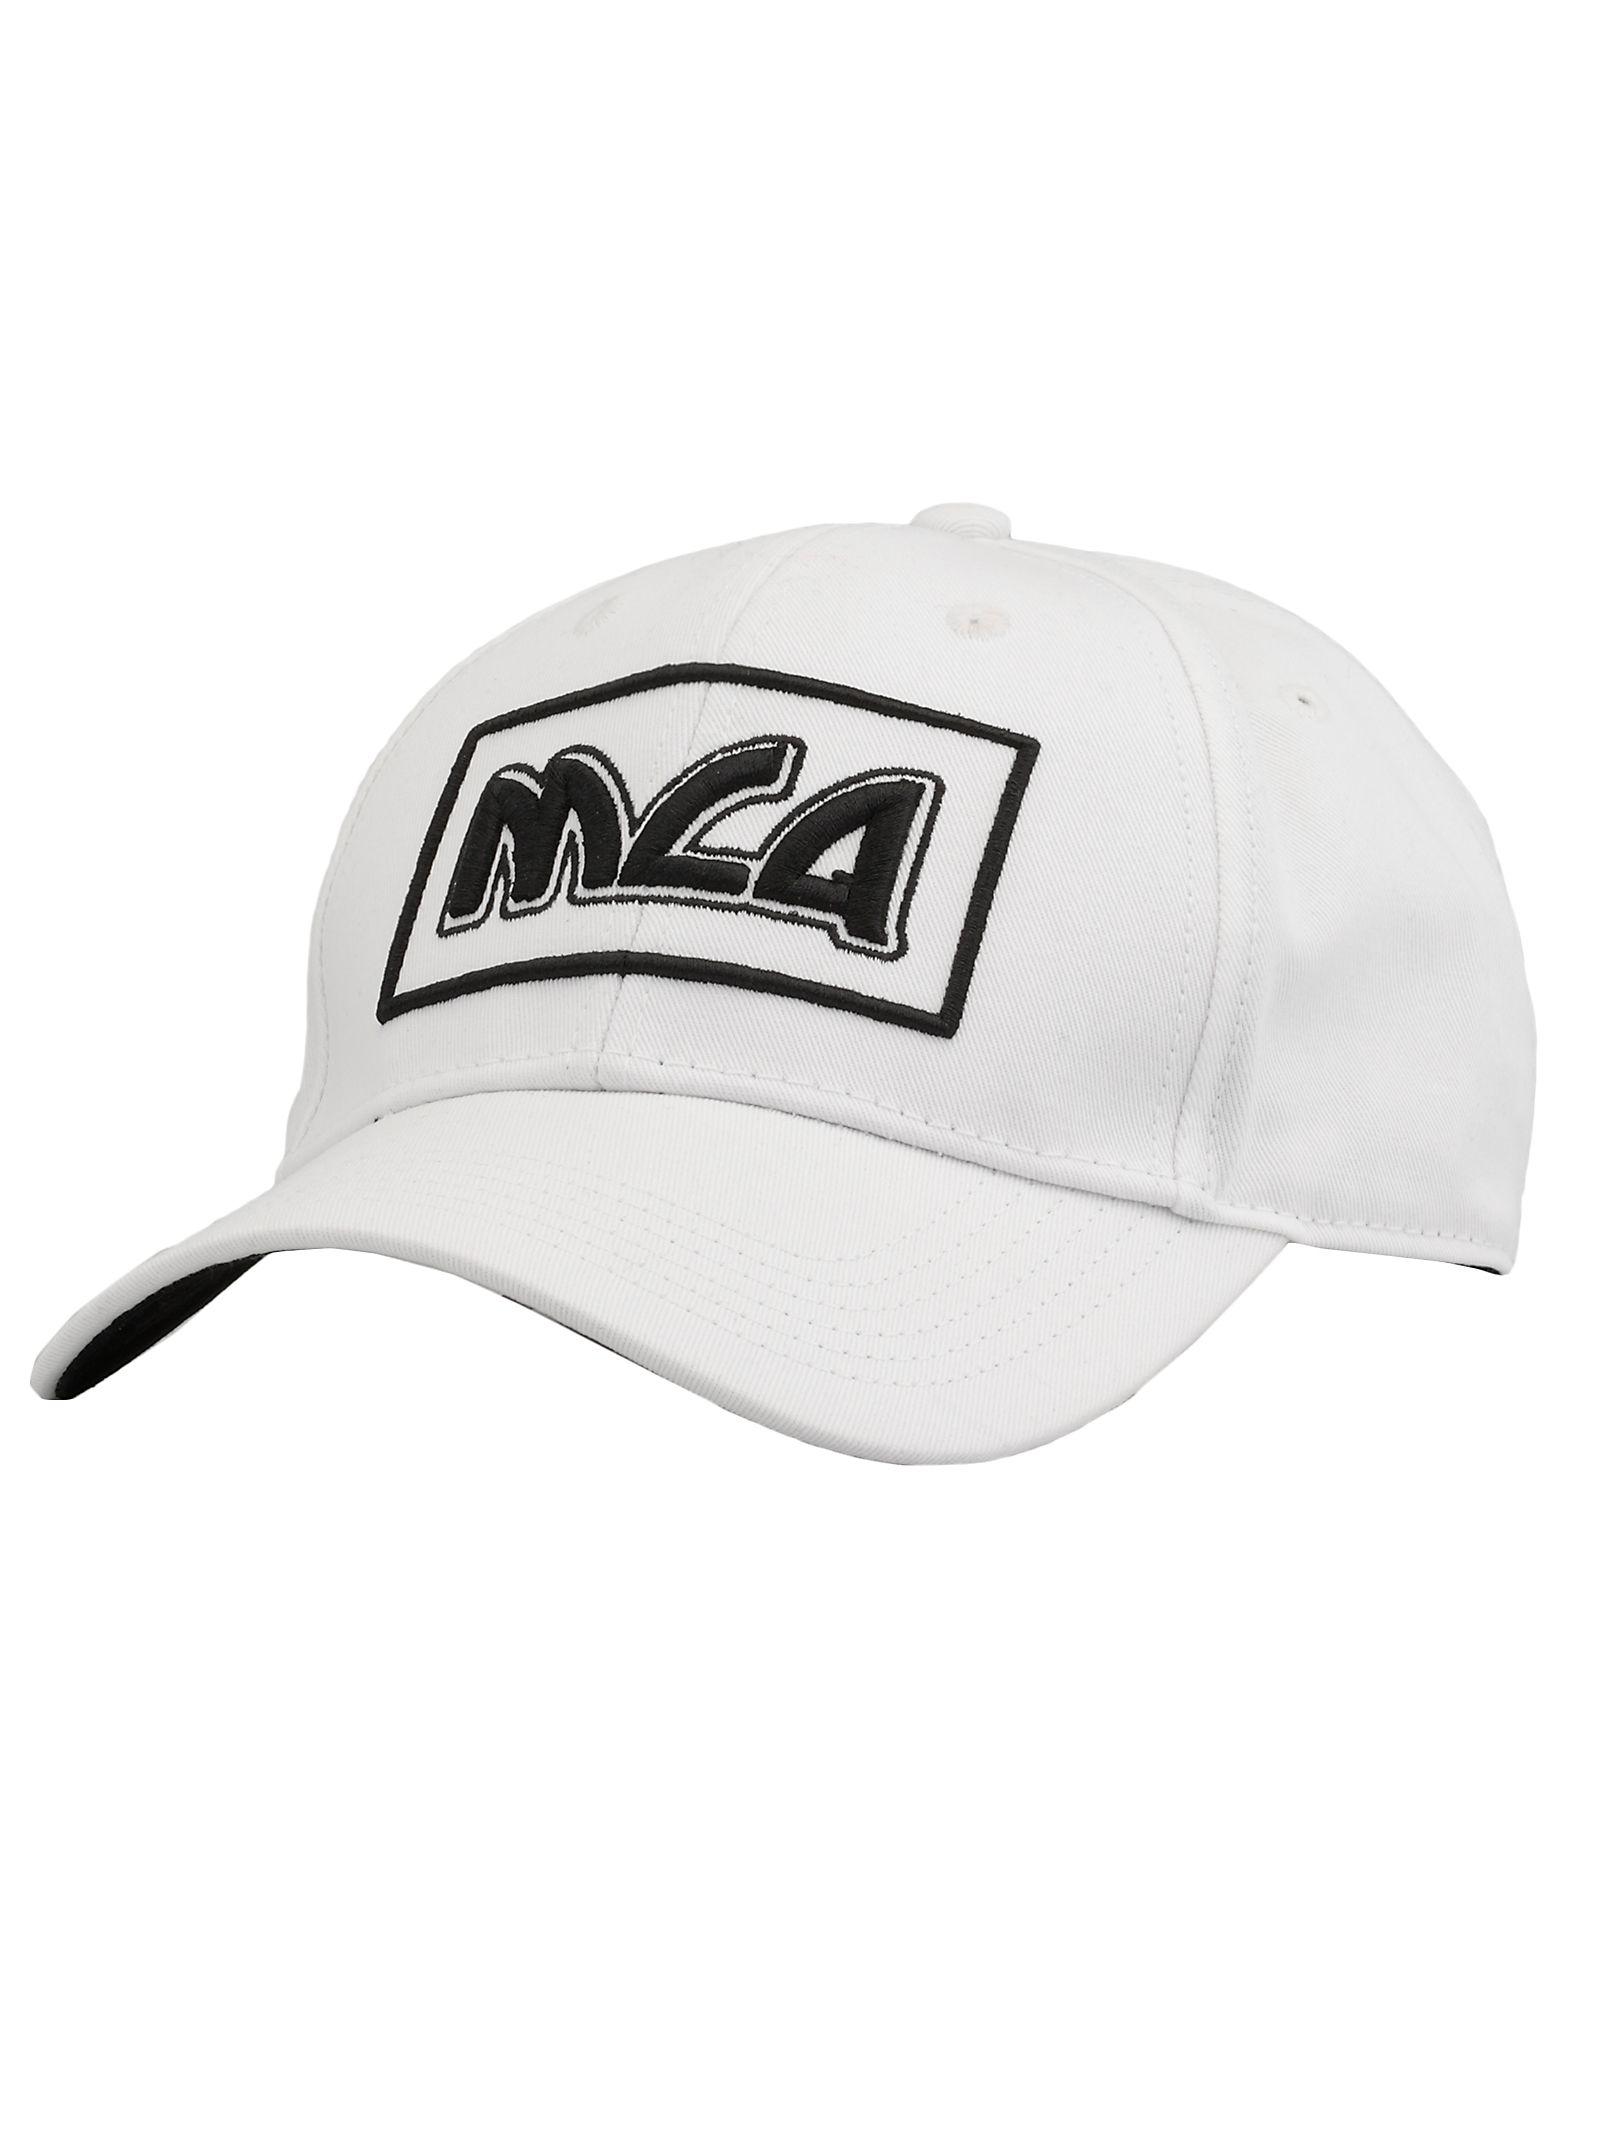 McQ Alexander McQueen McQ Alexander McQueen Cotton Baseball Cap ... f622656ddcdd